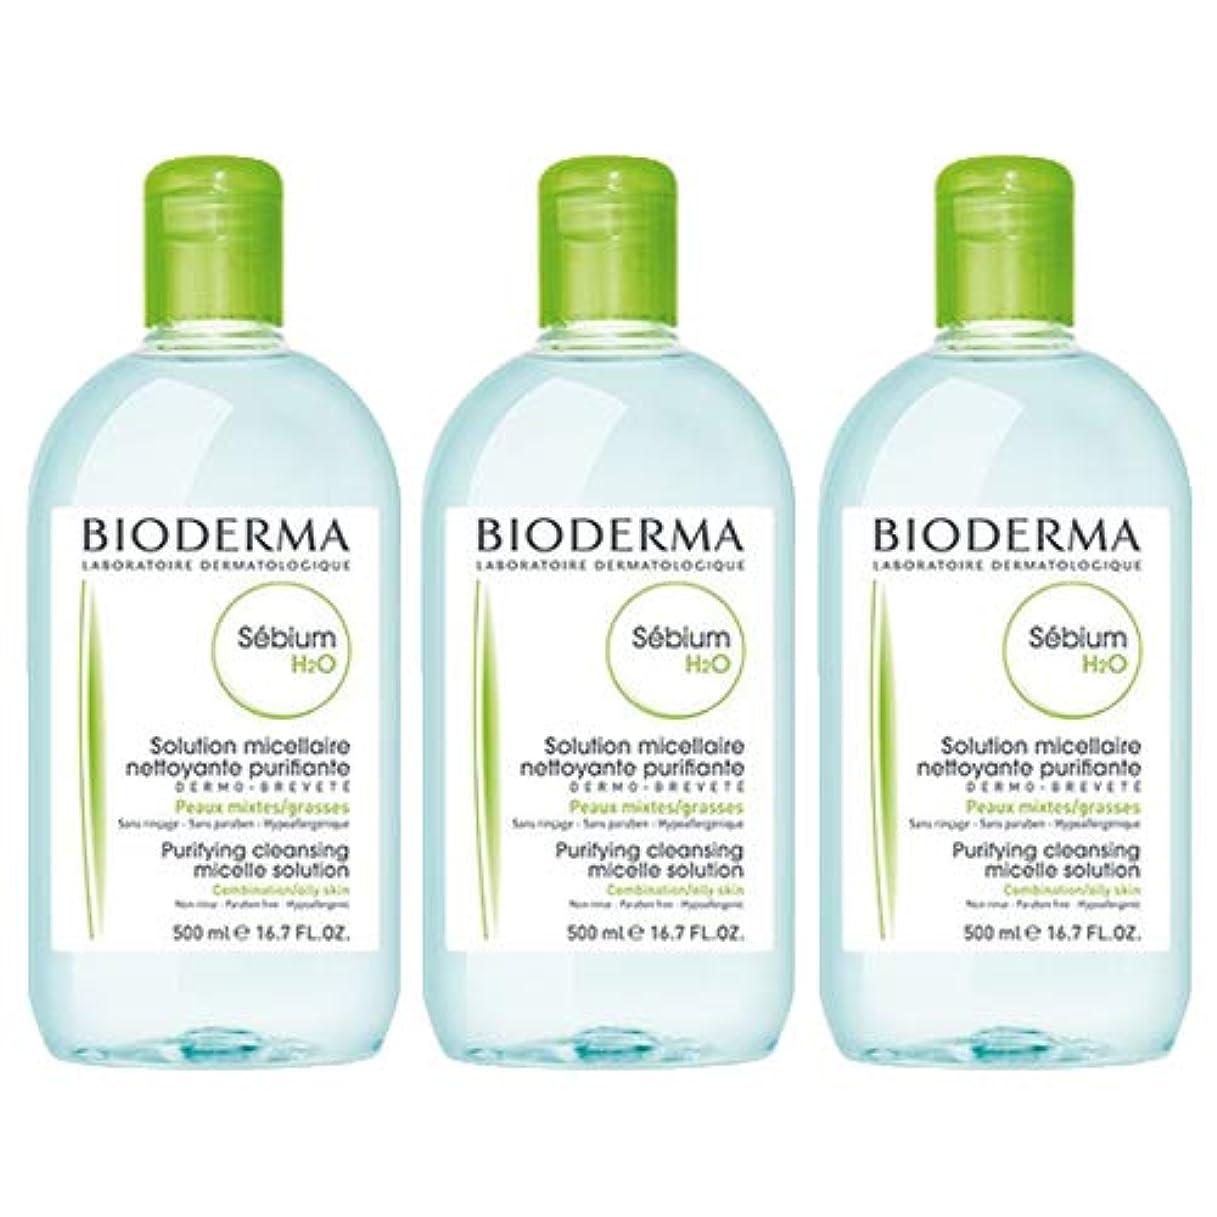 ビオデルマ BIODERMA セビウム H2O (エイチ ツーオー) D 500mL 【3本セット】 [並行輸入品]